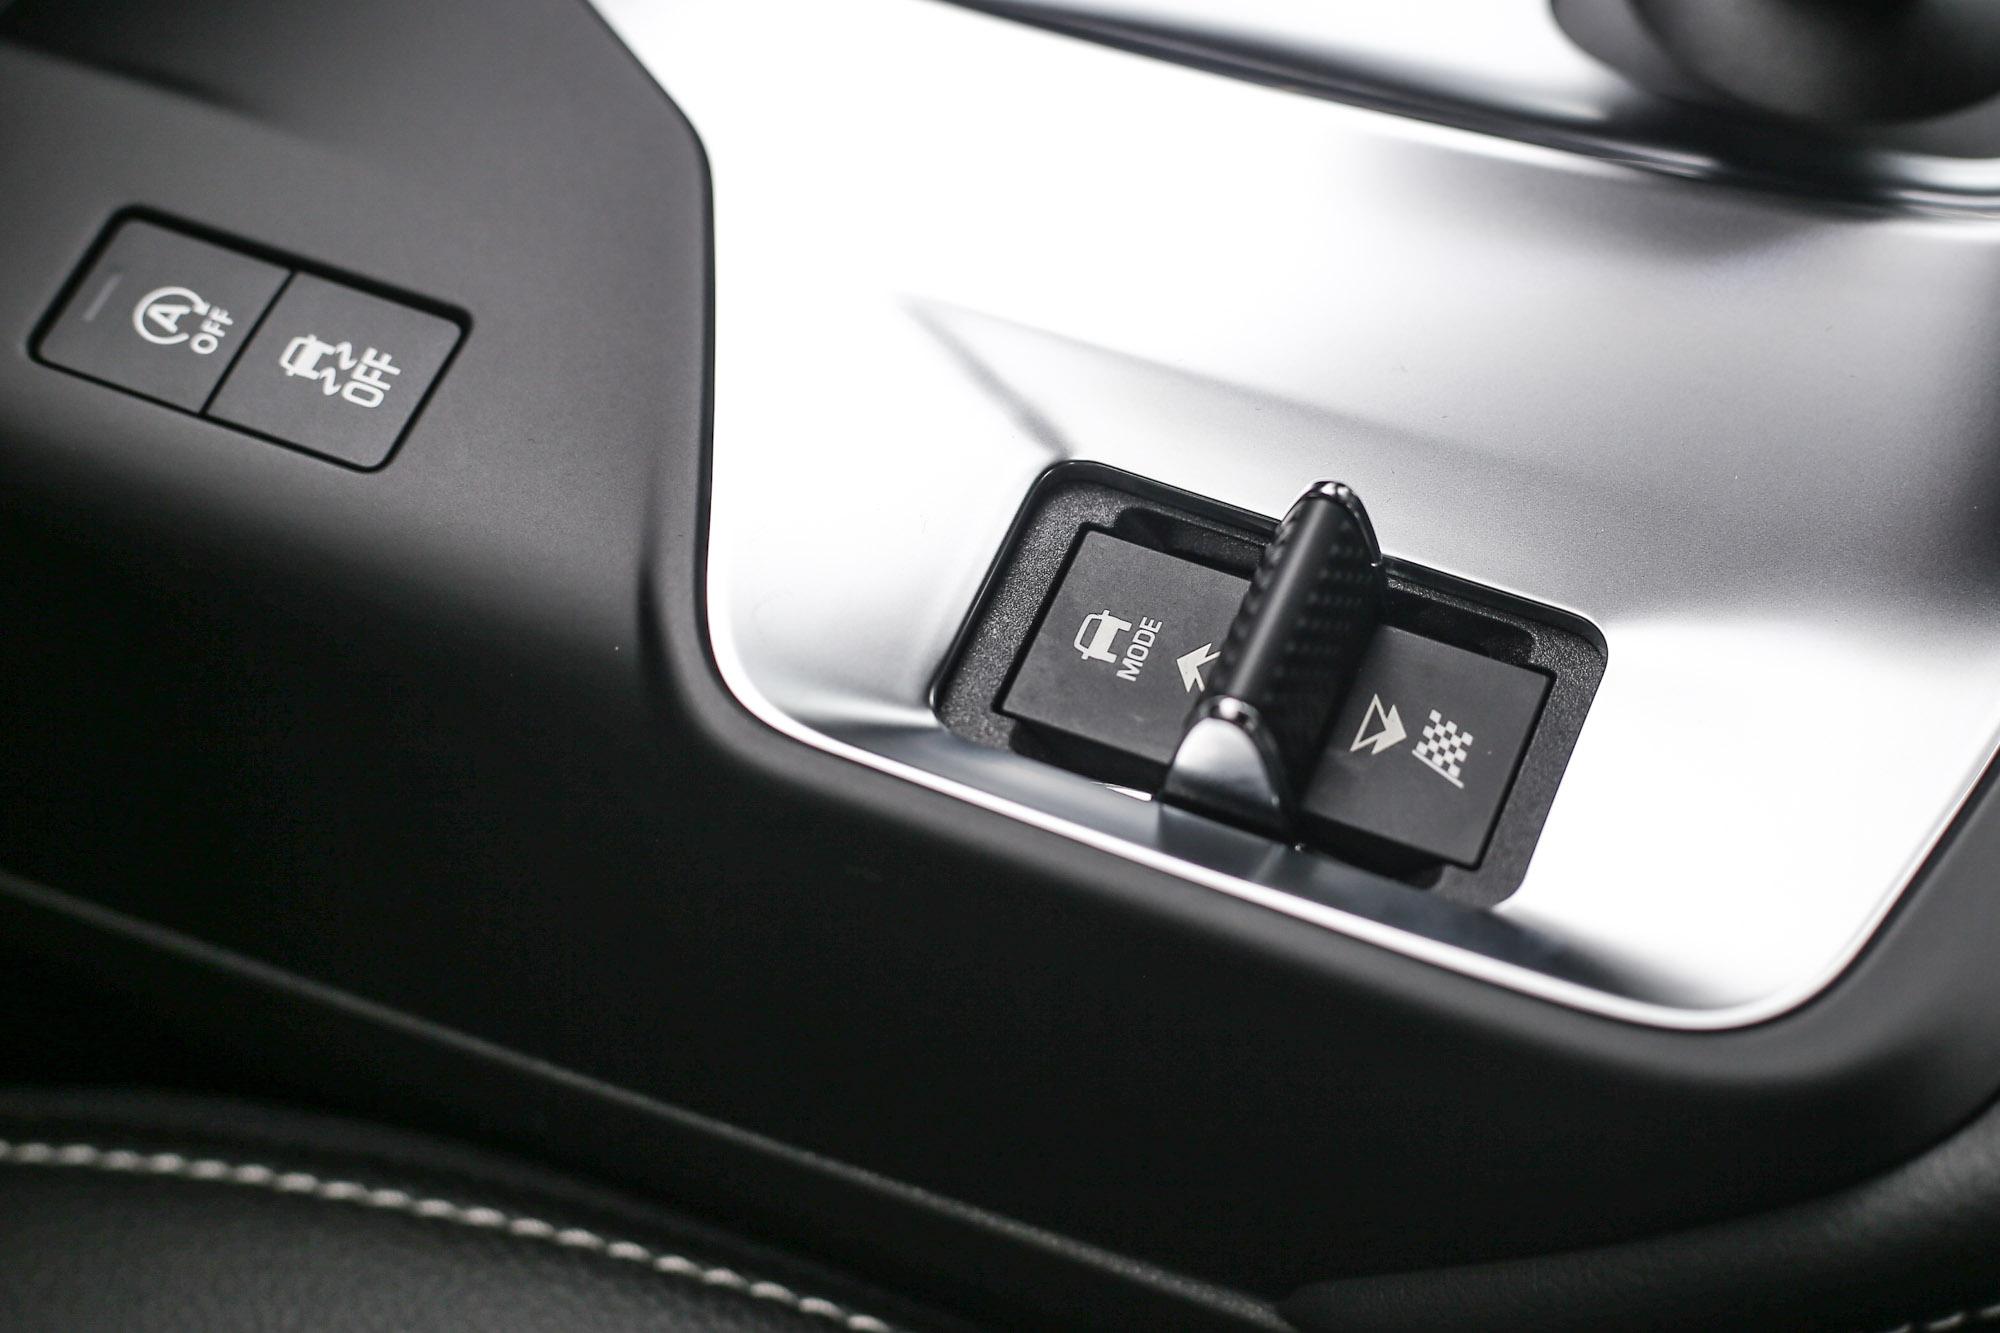 具備駕駛模式切換,可依照不同路況選擇不同動力輸出表現。